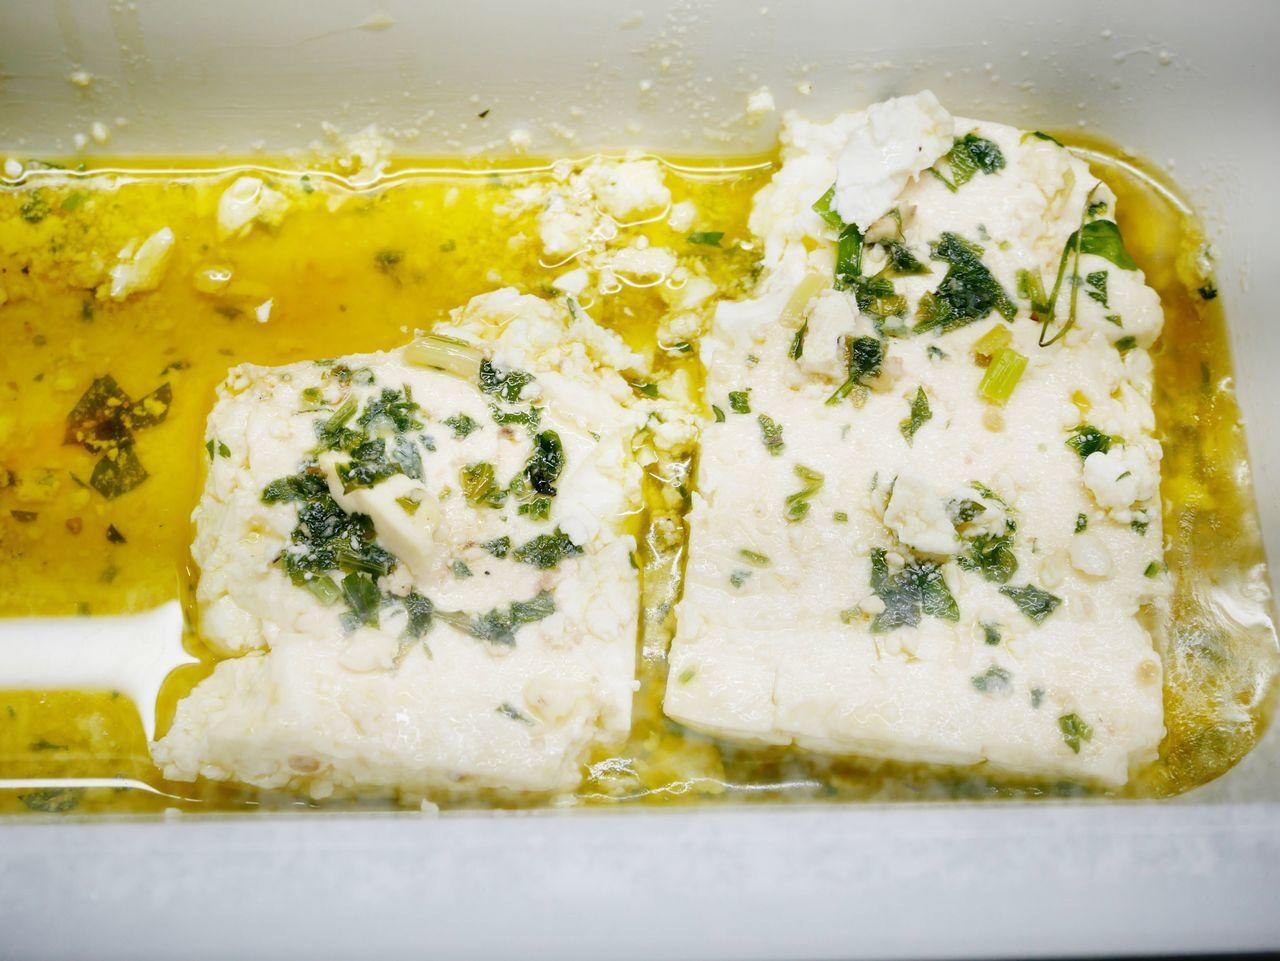 Goat Cheese Cheese Greek Food Greek Goat Cheese Greek Cheese Käse Bauernkäse Food